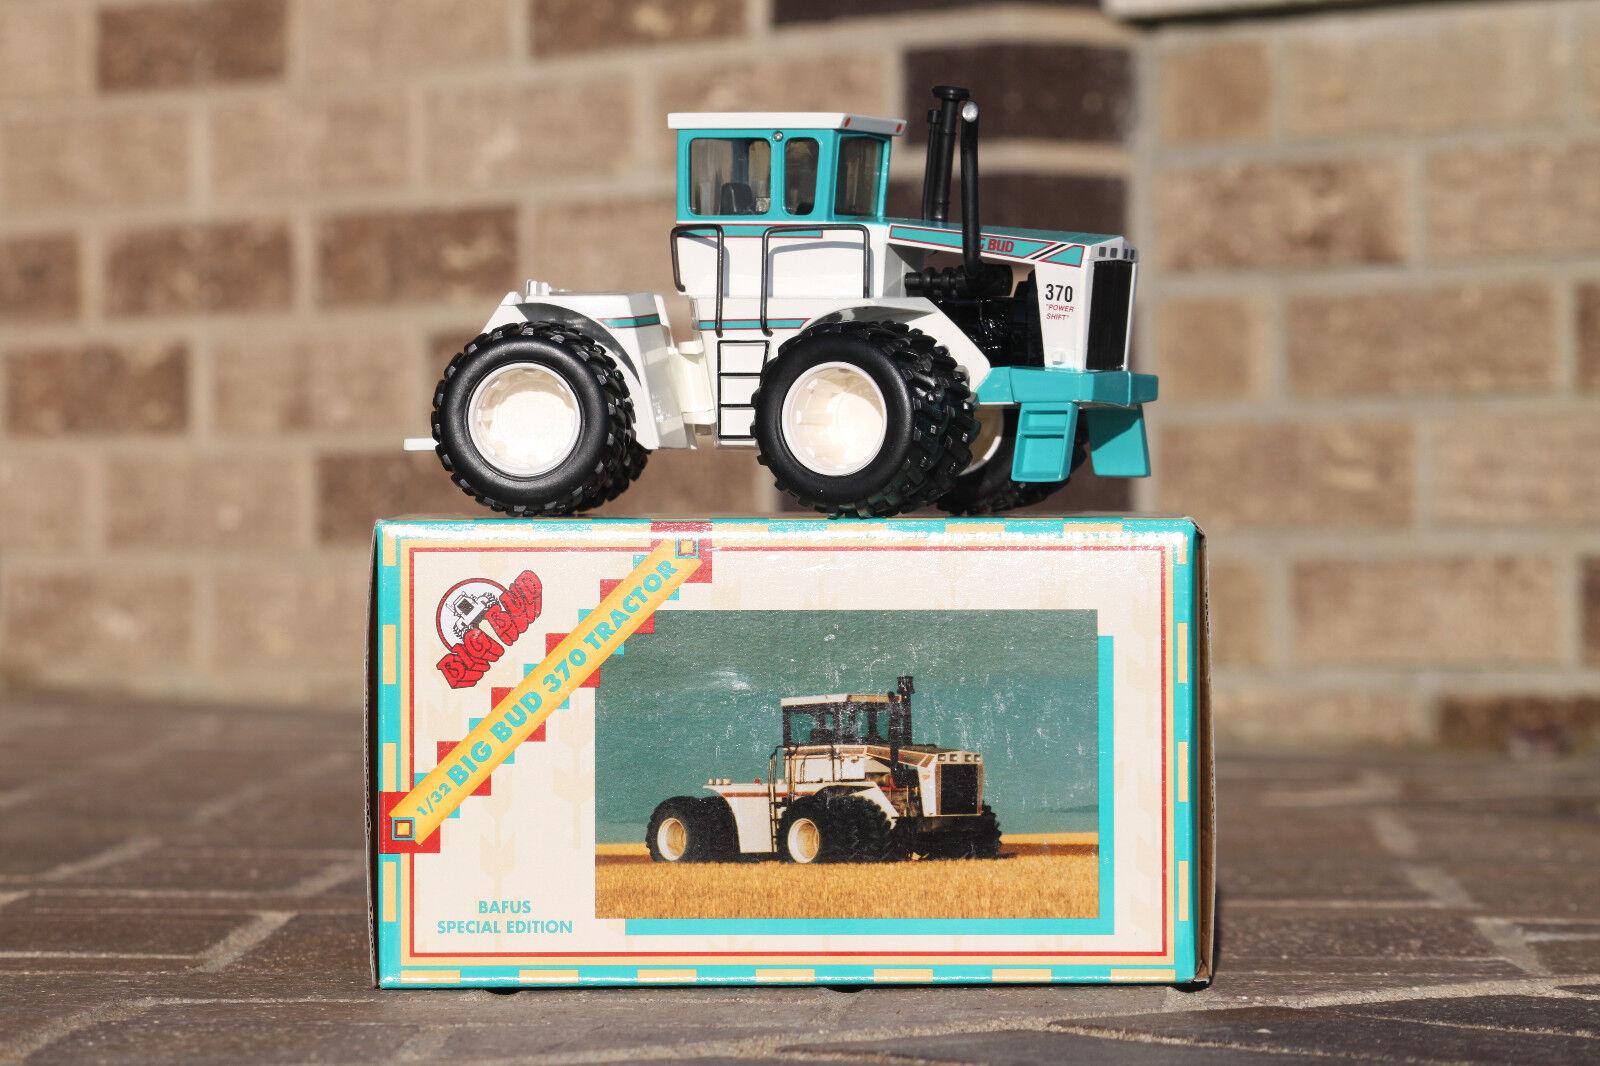 BIG BUD Toy Farmer 1 32  370 Bafus bluee  2 in set of 4